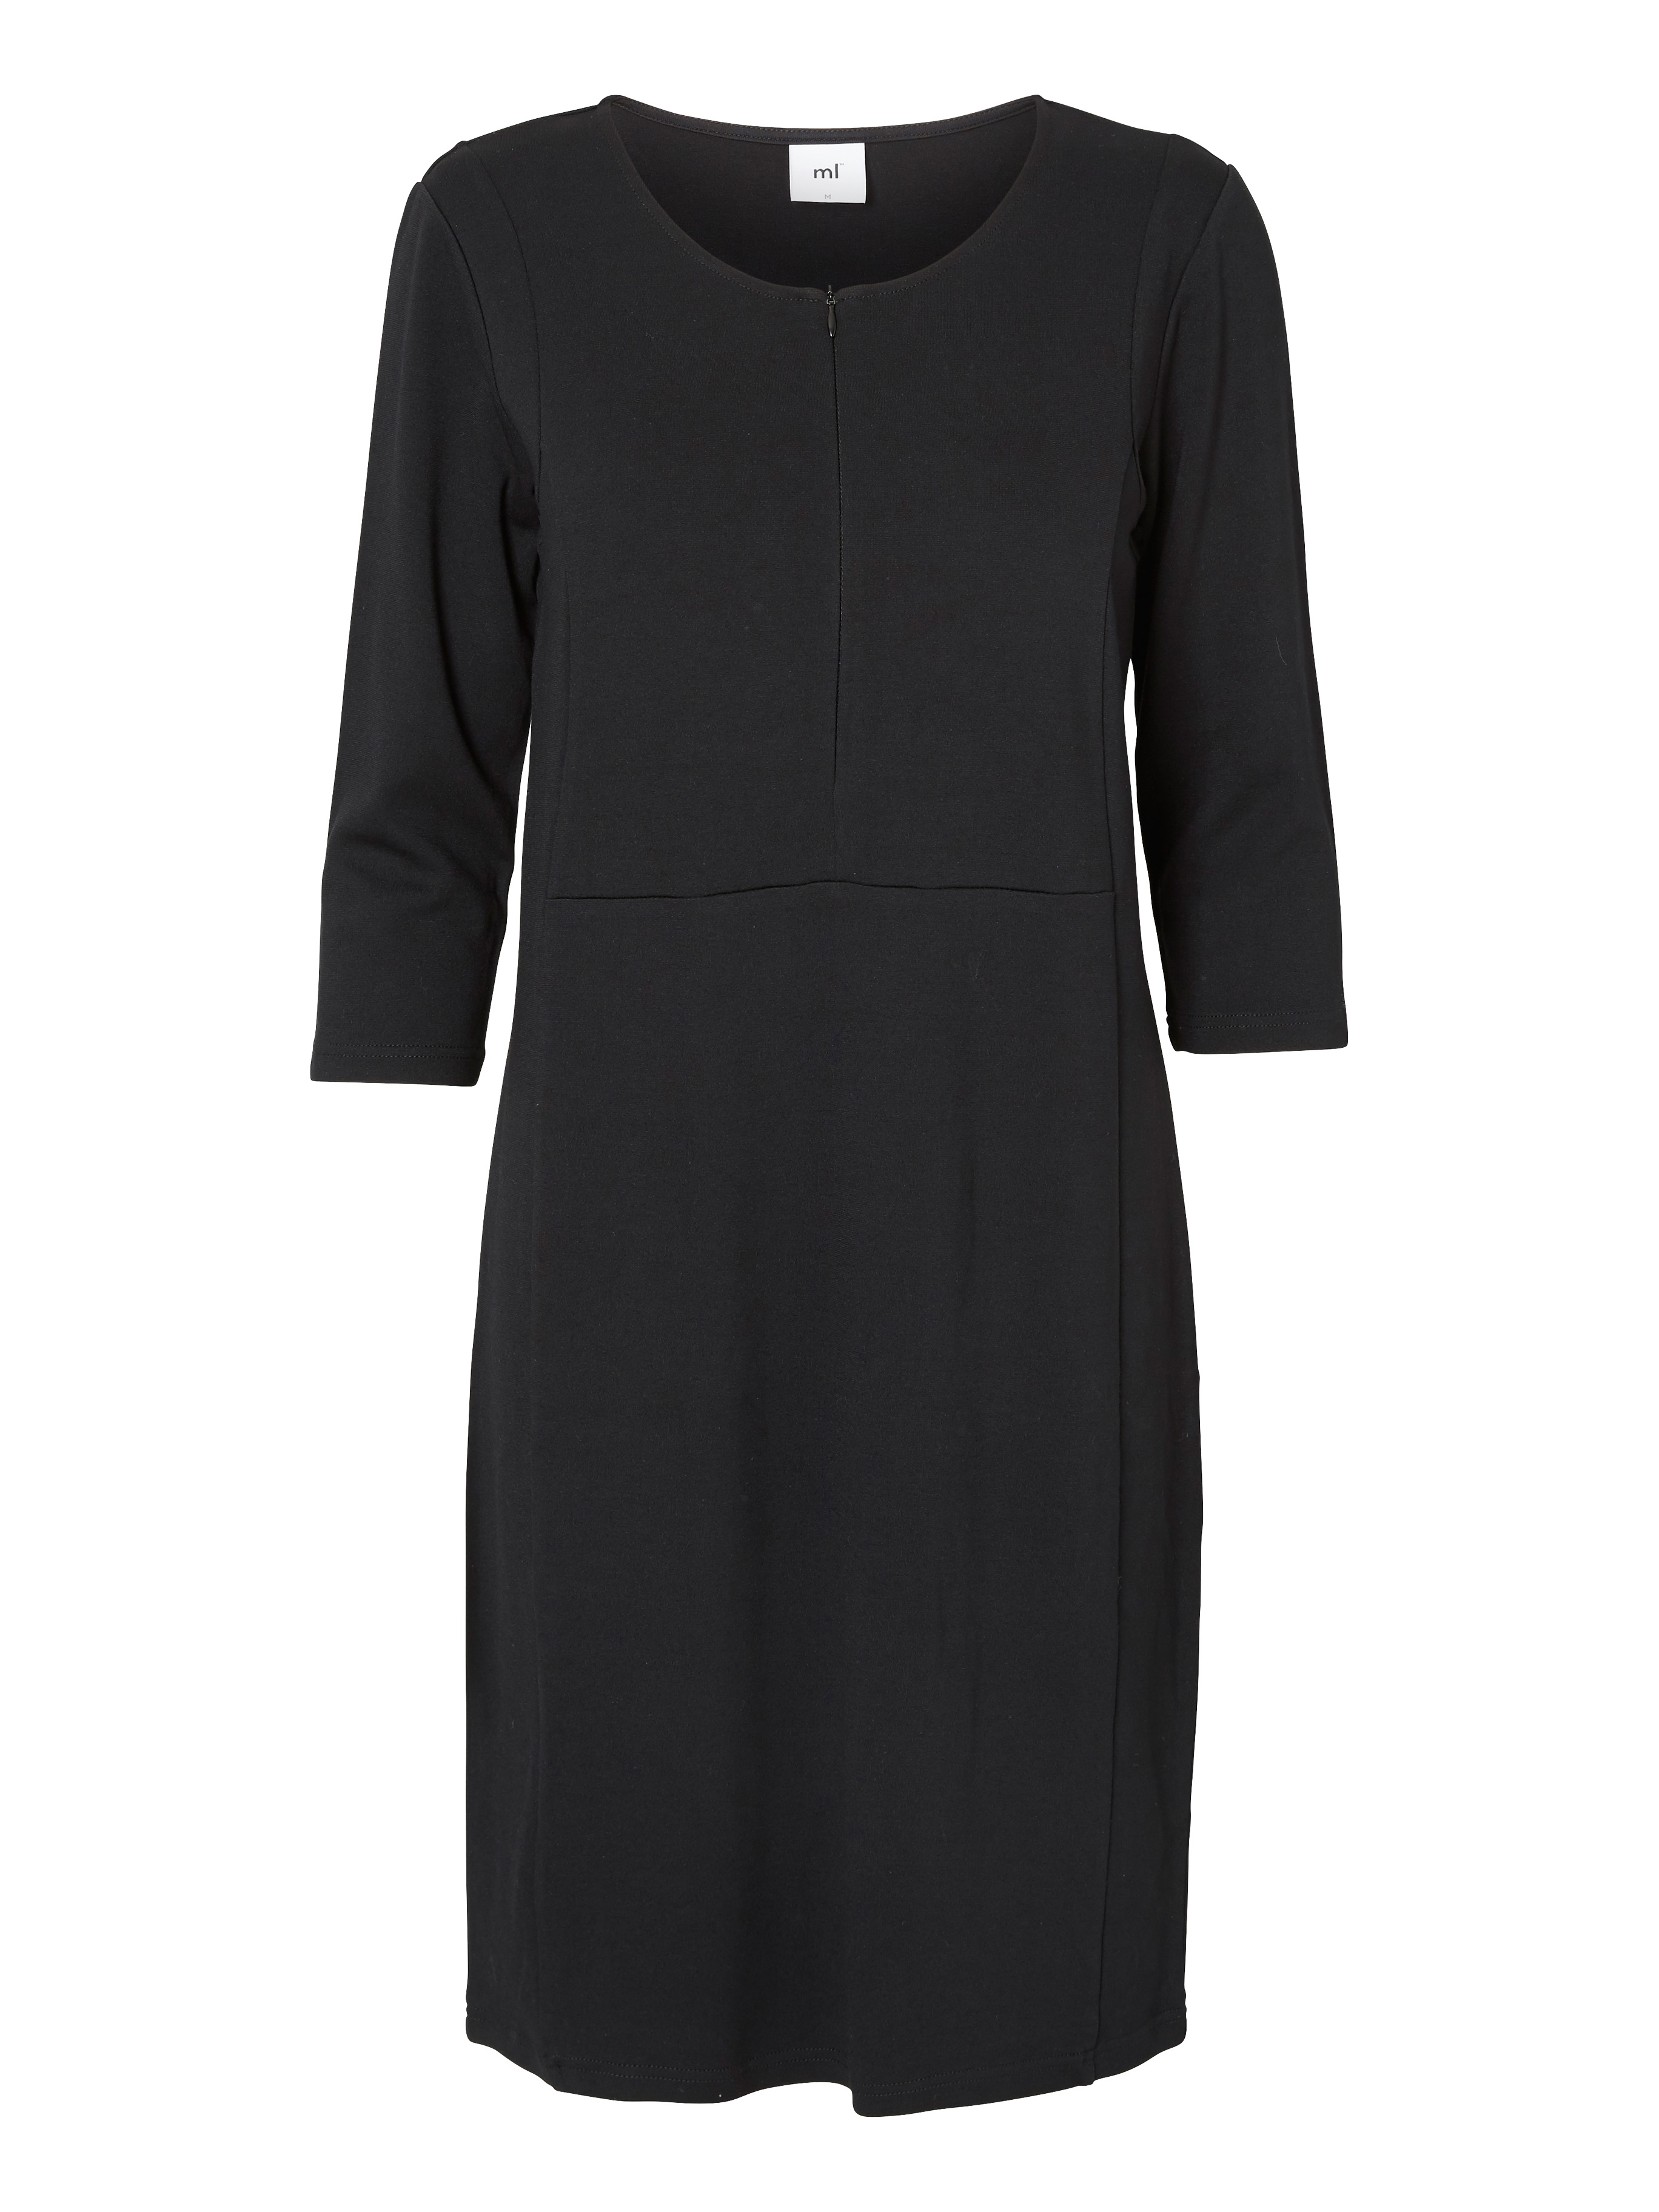 Amningsklänning Mirna - Jerseyklänning 3/4 - Mamalicious